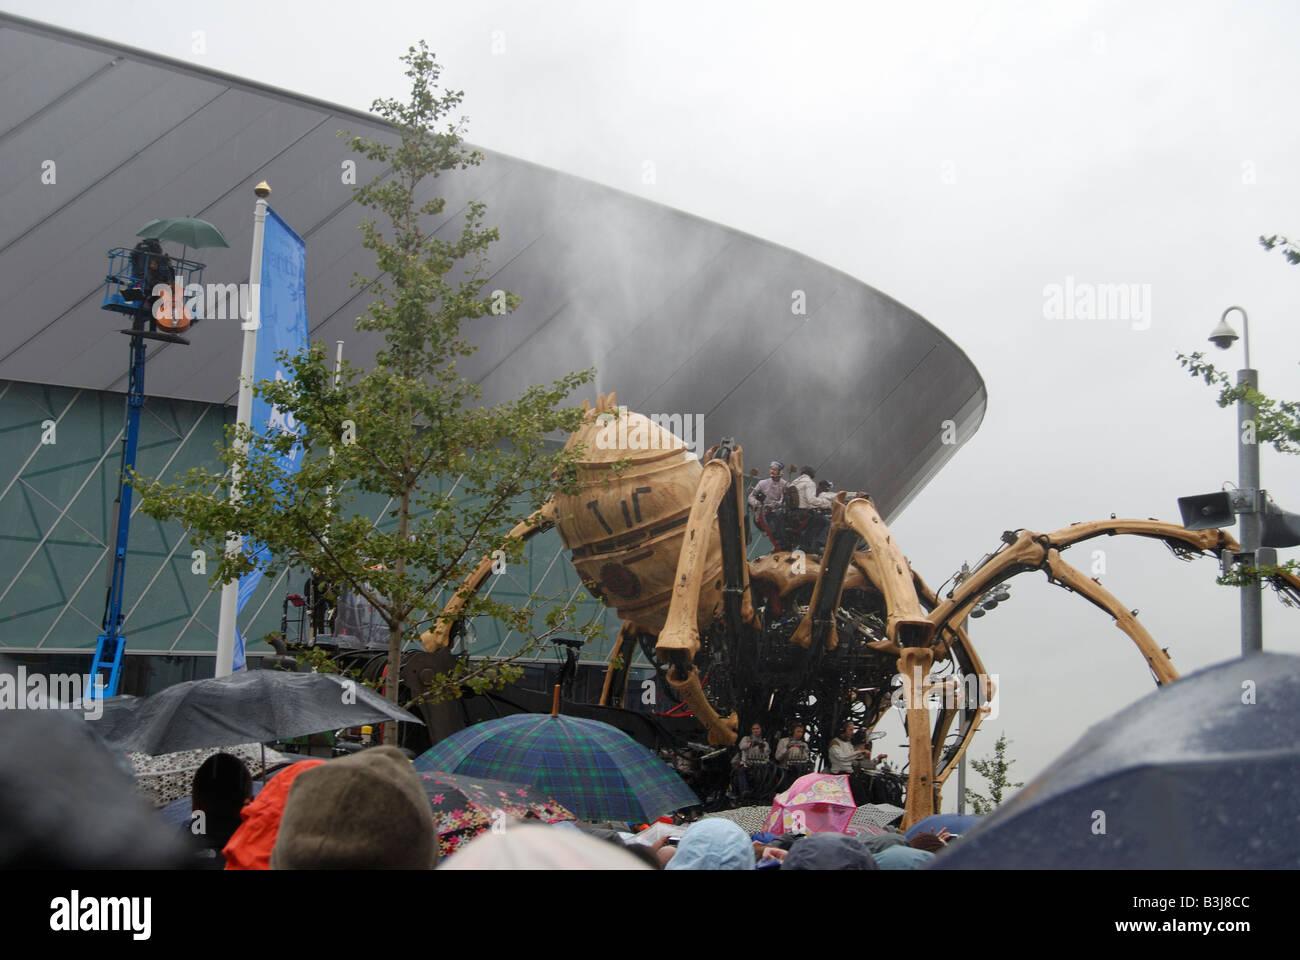 La princesse la création de François Delaroziere et la machine des giclées d'eau sur la foule à Liverpool s'Albert Dock Banque D'Images